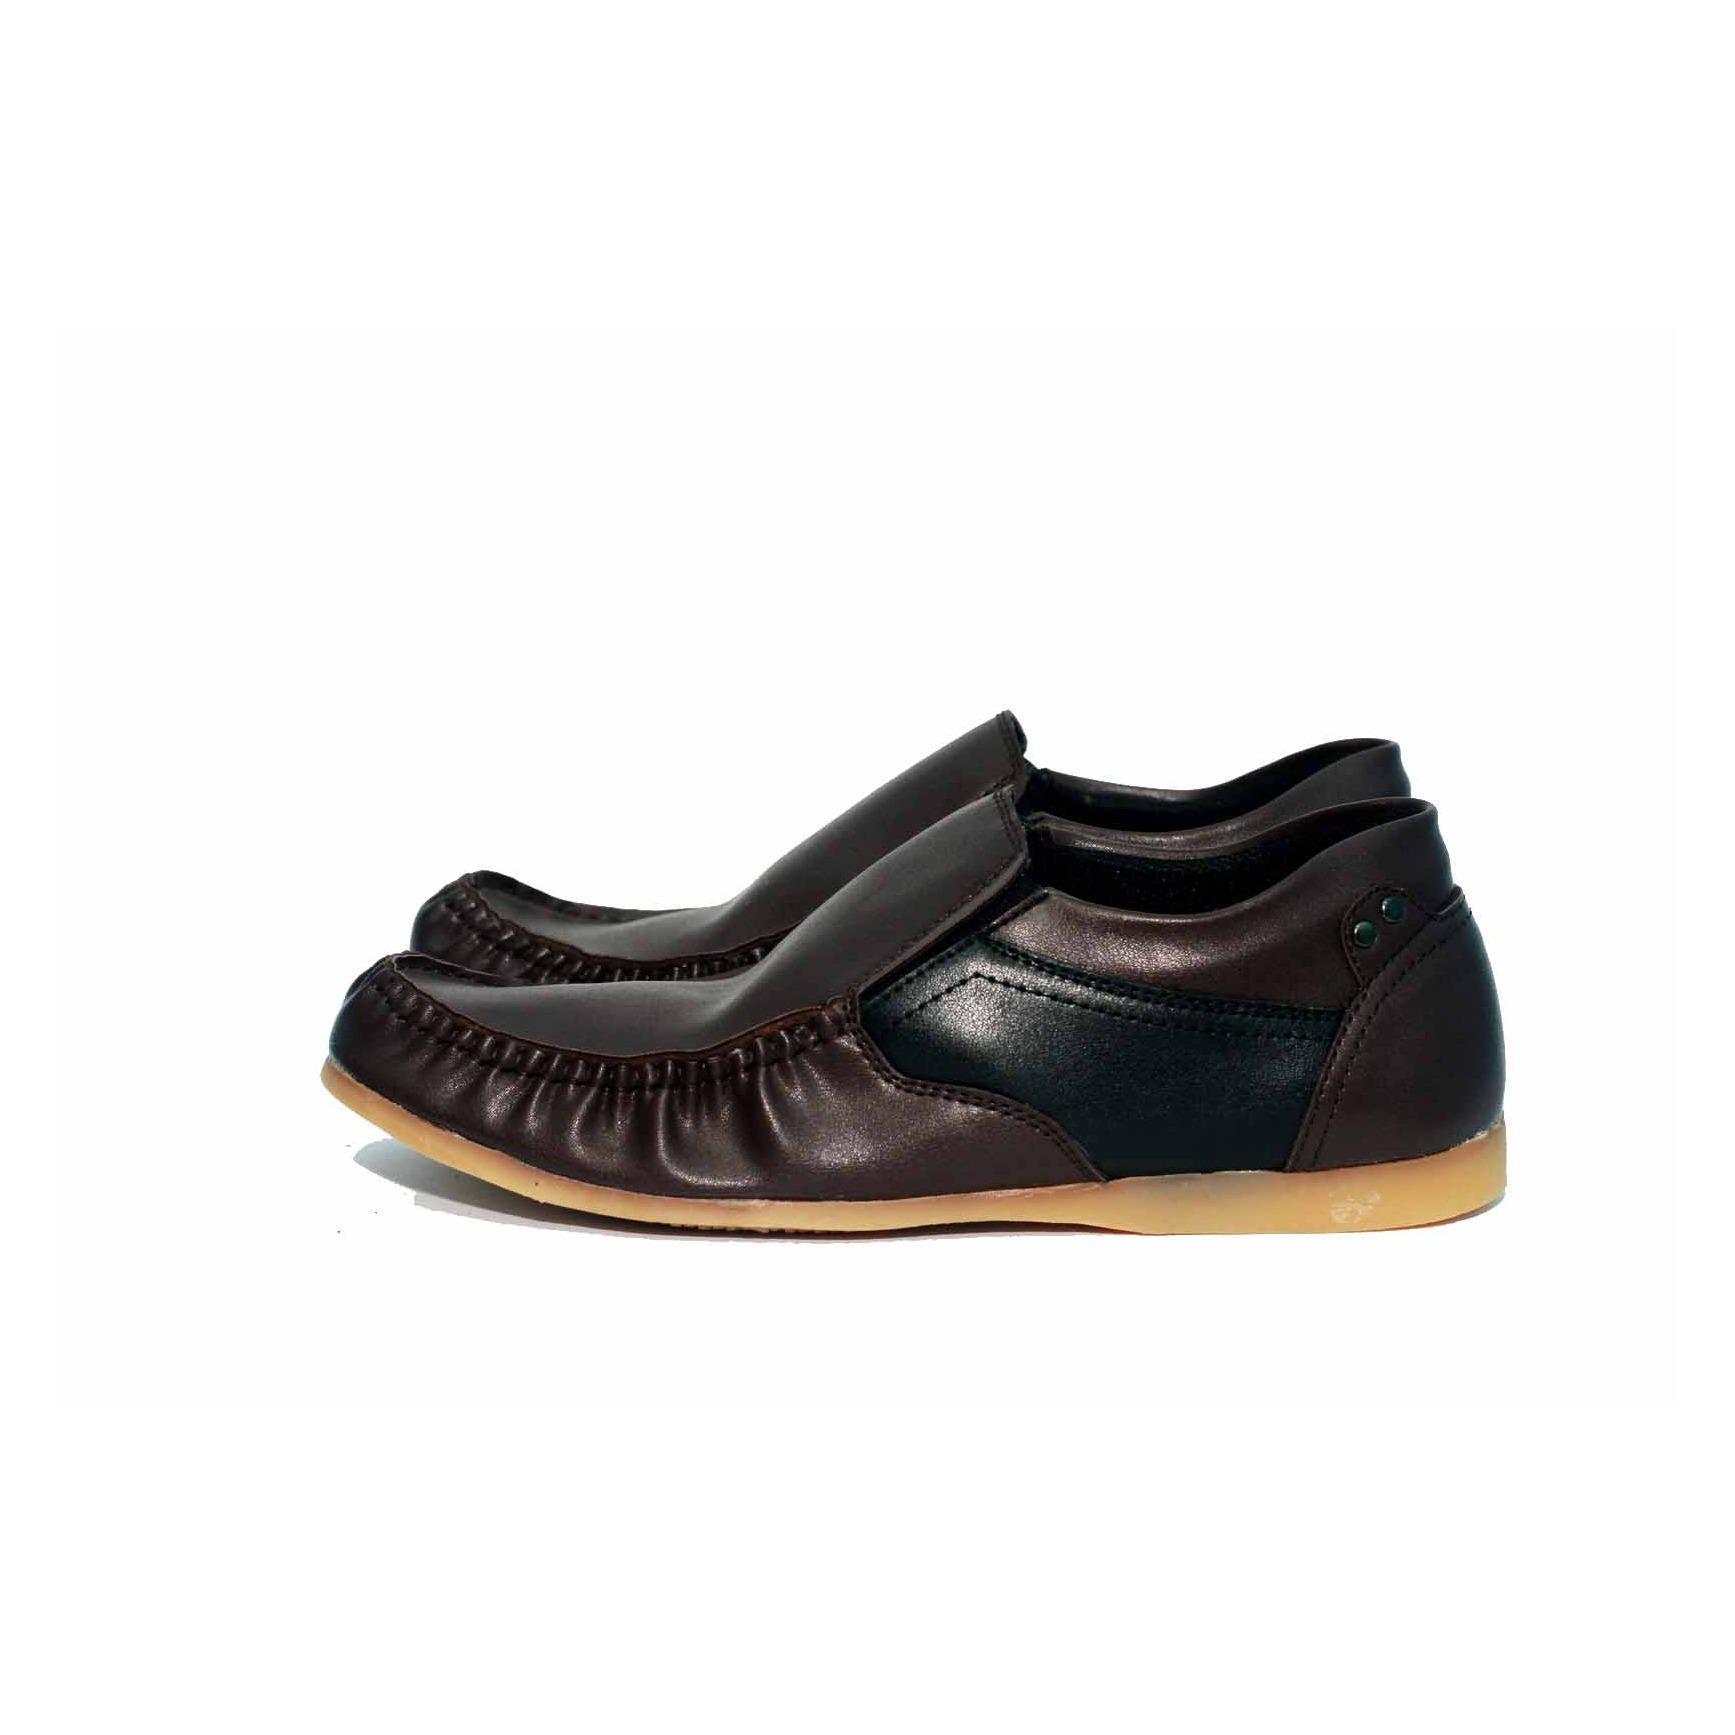 Harga Sepatu Casual Pria Hummer Fox Formal Sneakers Kets Cowok Termurah Fashion Original Handmade Original